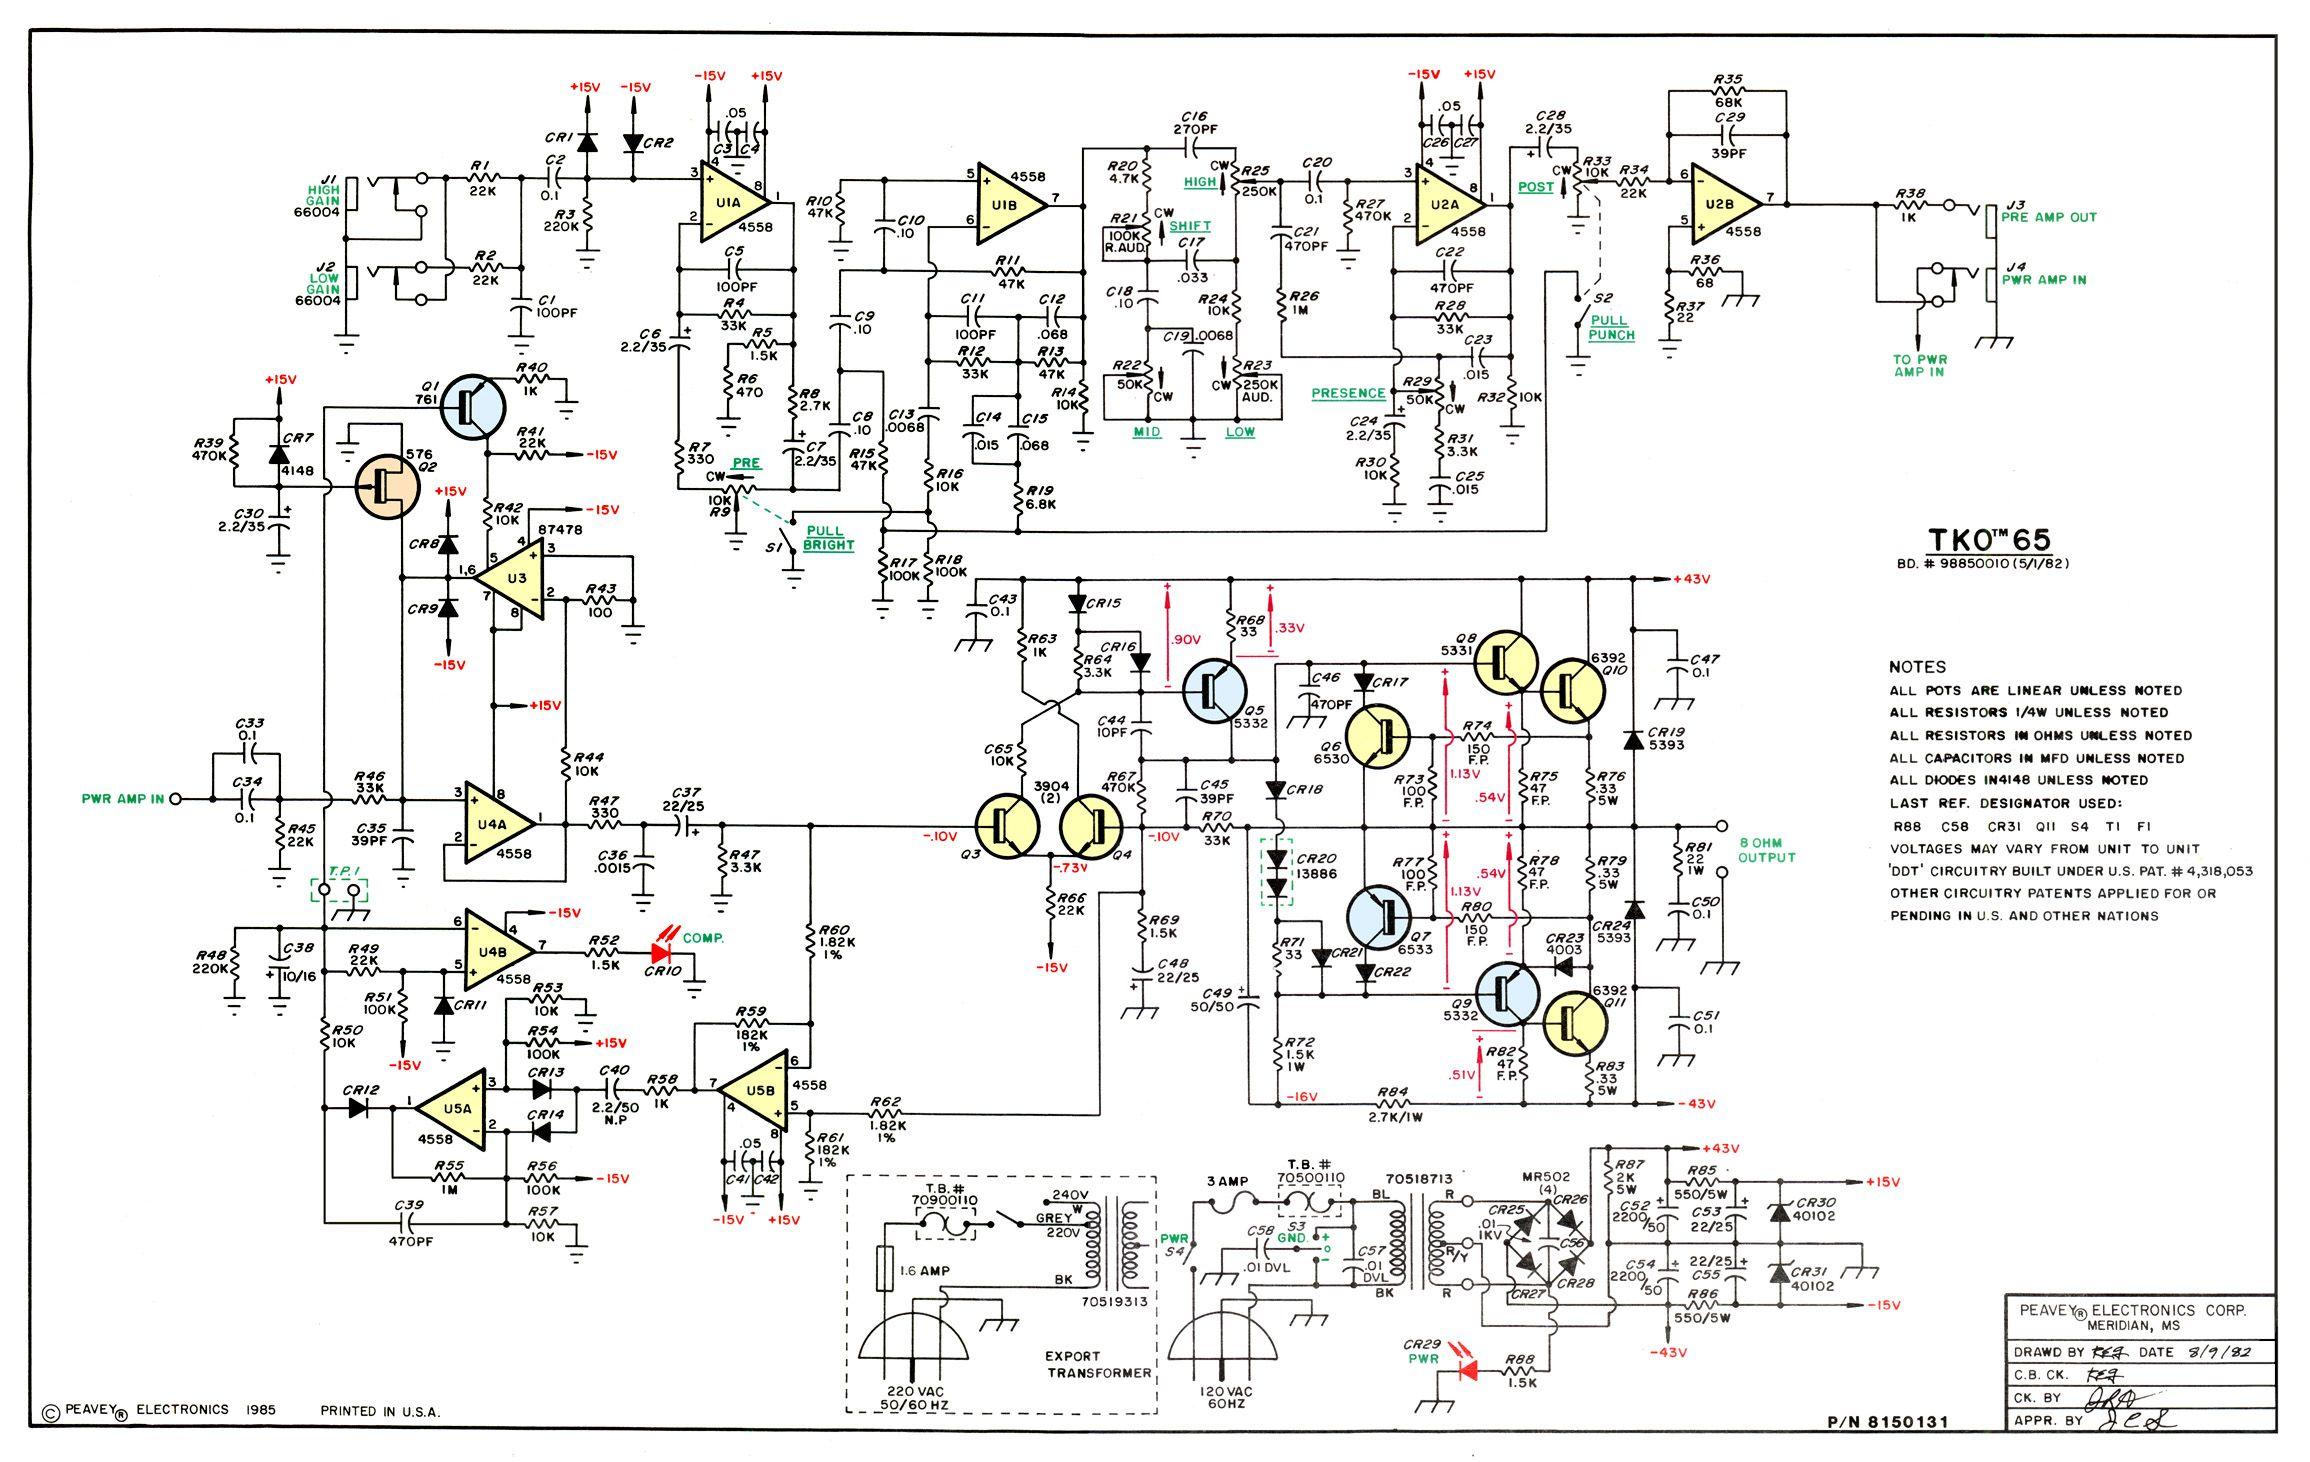 Схема Peavey-TKO 65 Amplifier Diagram